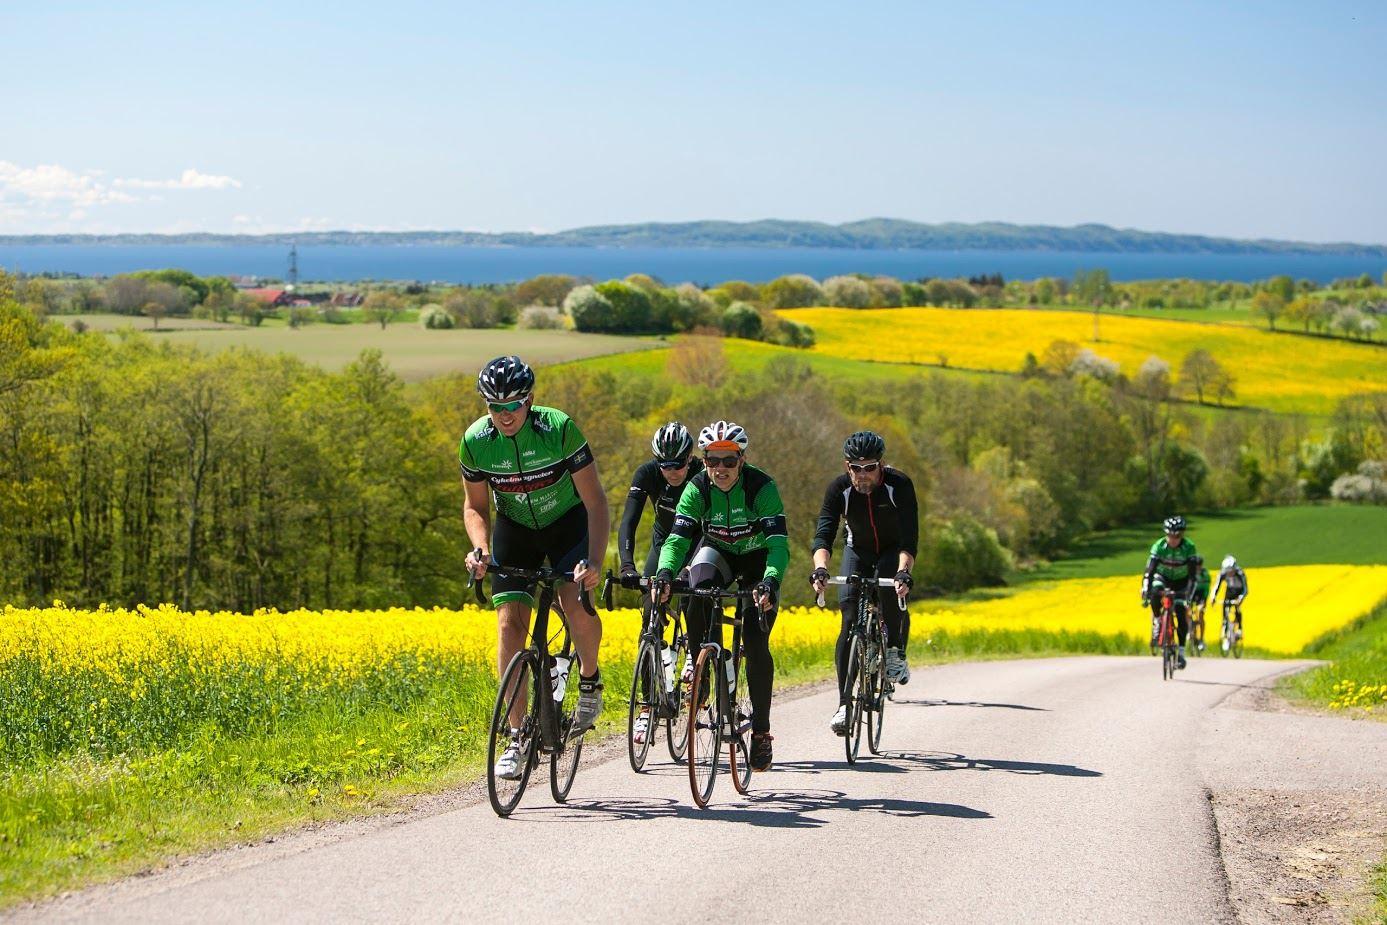 Johannes Persson, Landsvägscykling på och runt Hallandsåsen